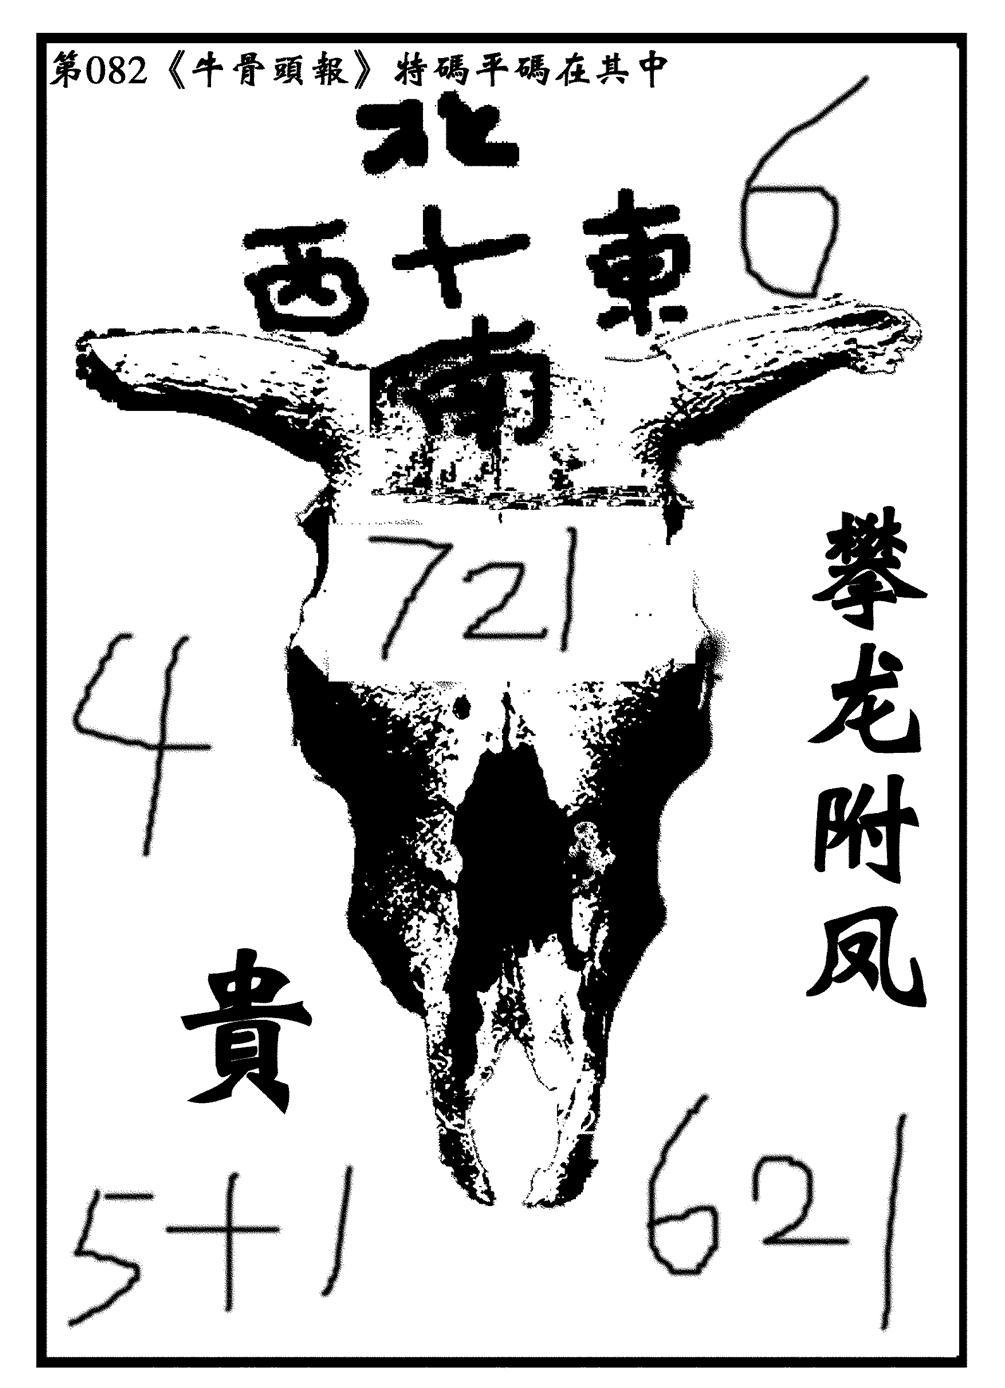 082期牛头报(黑白)